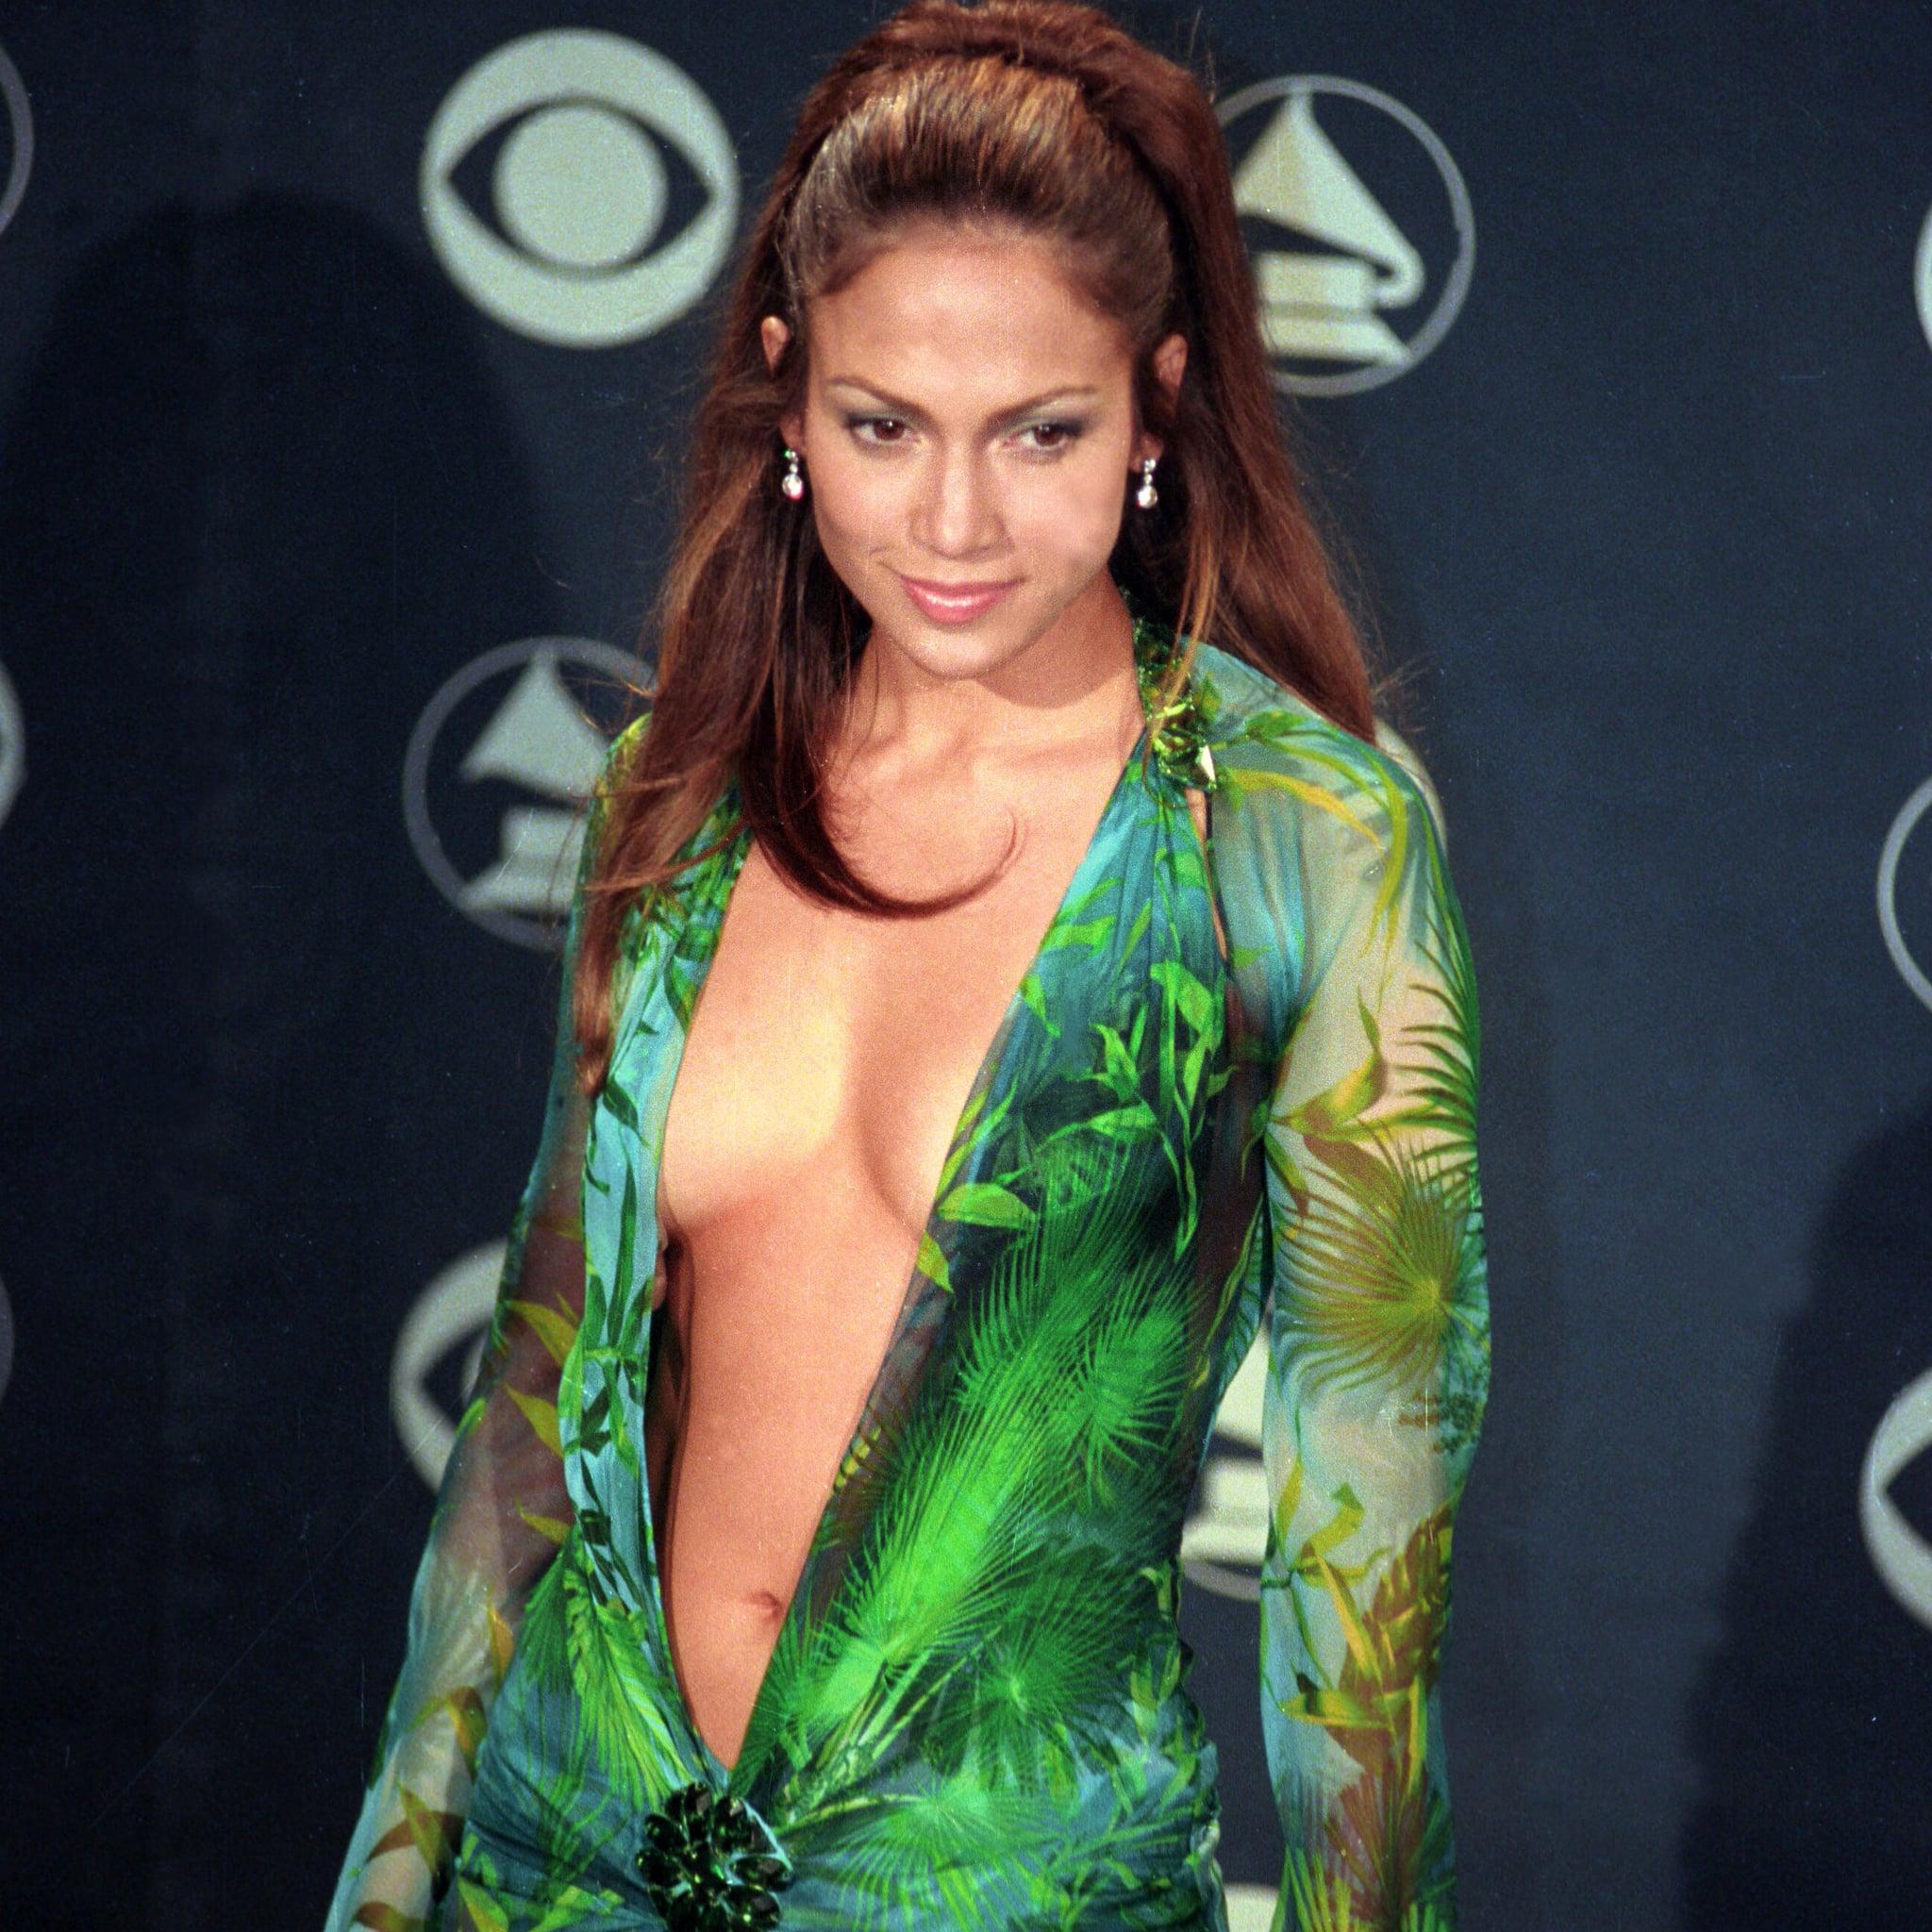 Jennifer Lopez's Best Beauty Looks | POPSUGAR Beauty Australia